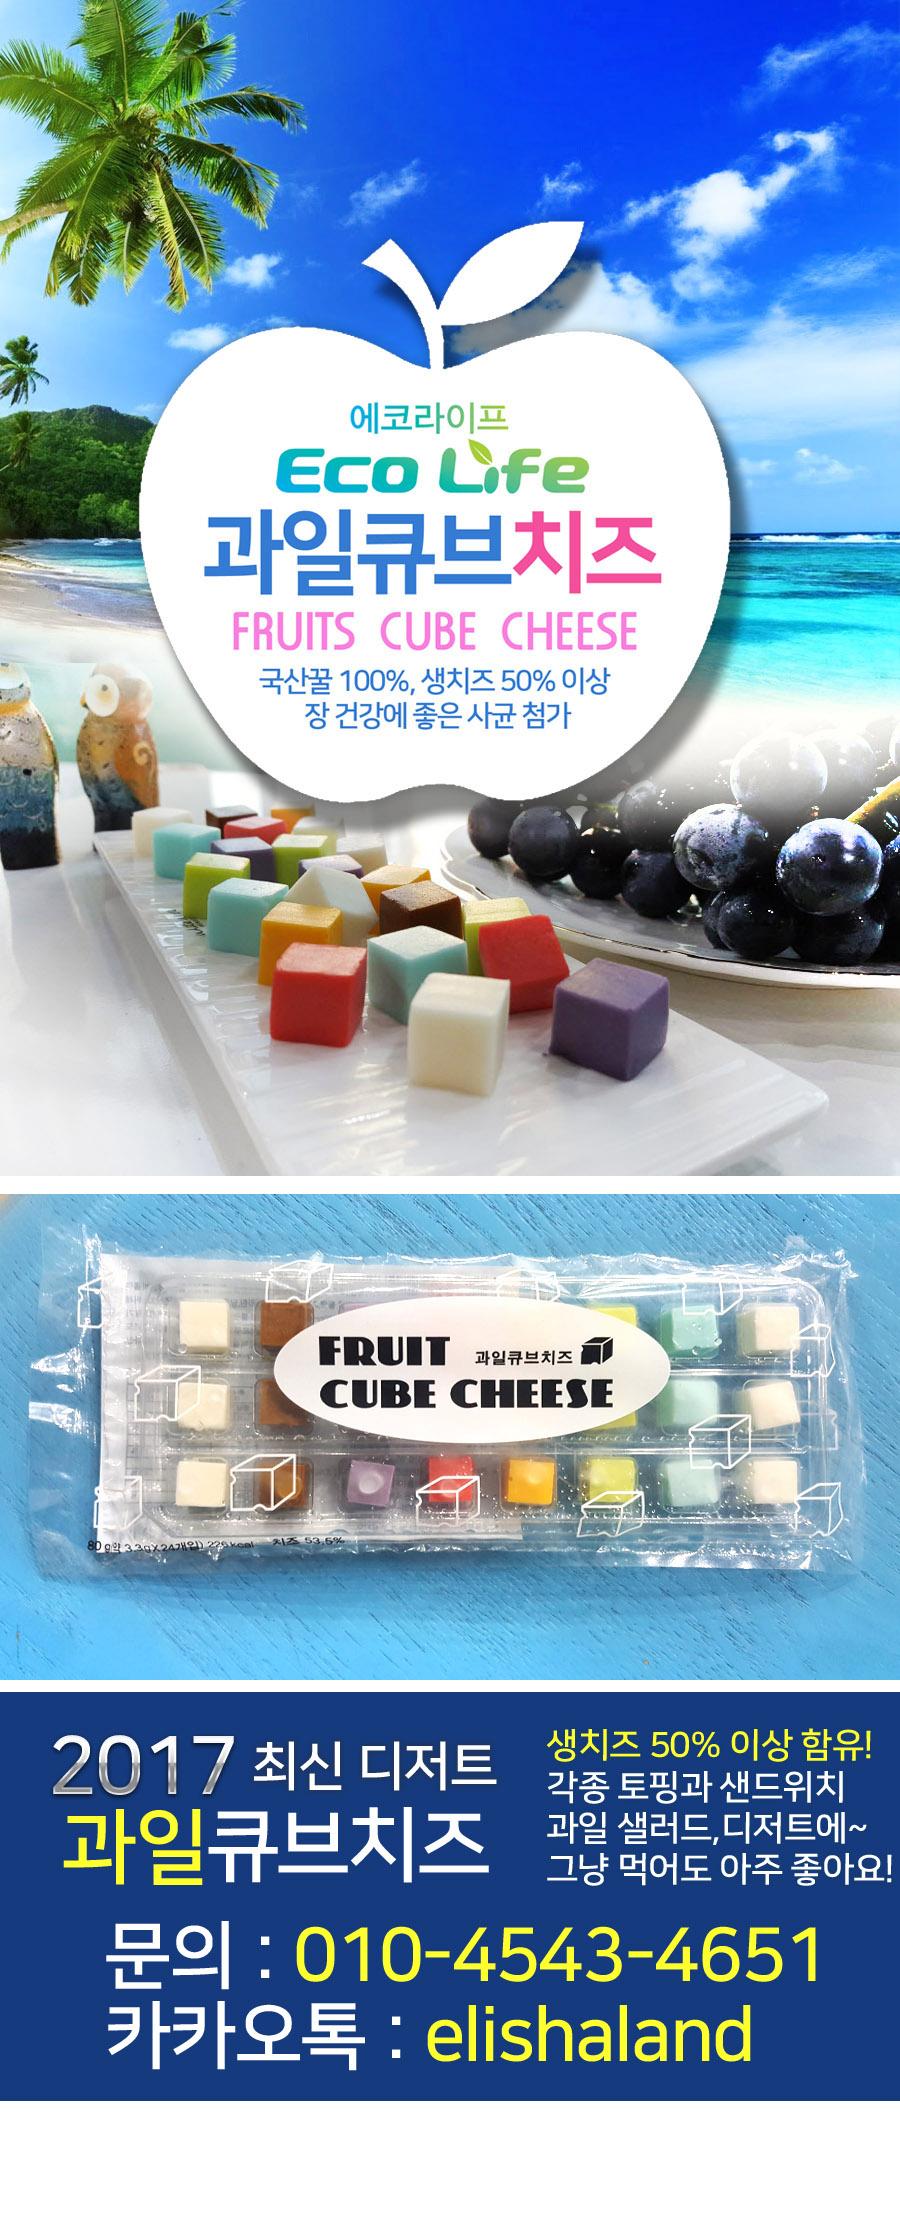 큐브치즈 카톡방용 - 김영훈 버전 복사본.jpg